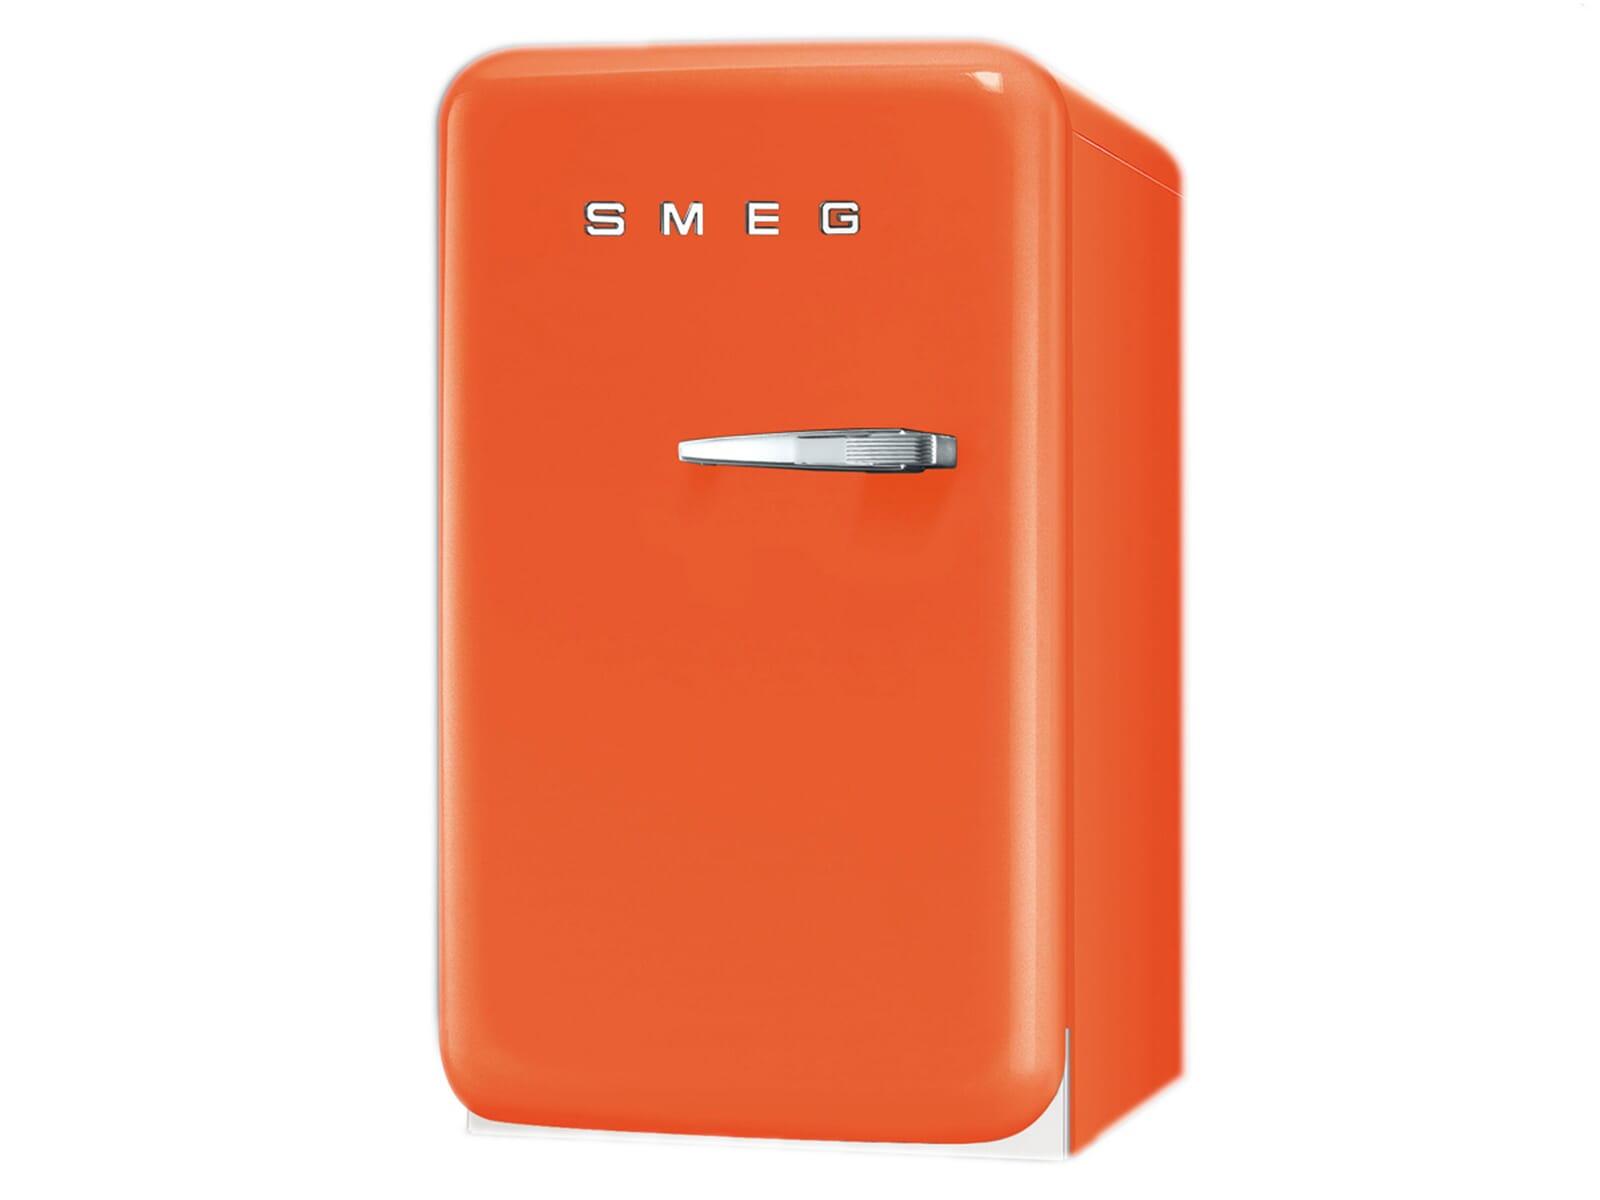 Kühlschrank Von Smeg : Bedienungsanleitung smeg fab rb kühlschrank kwh jahr a